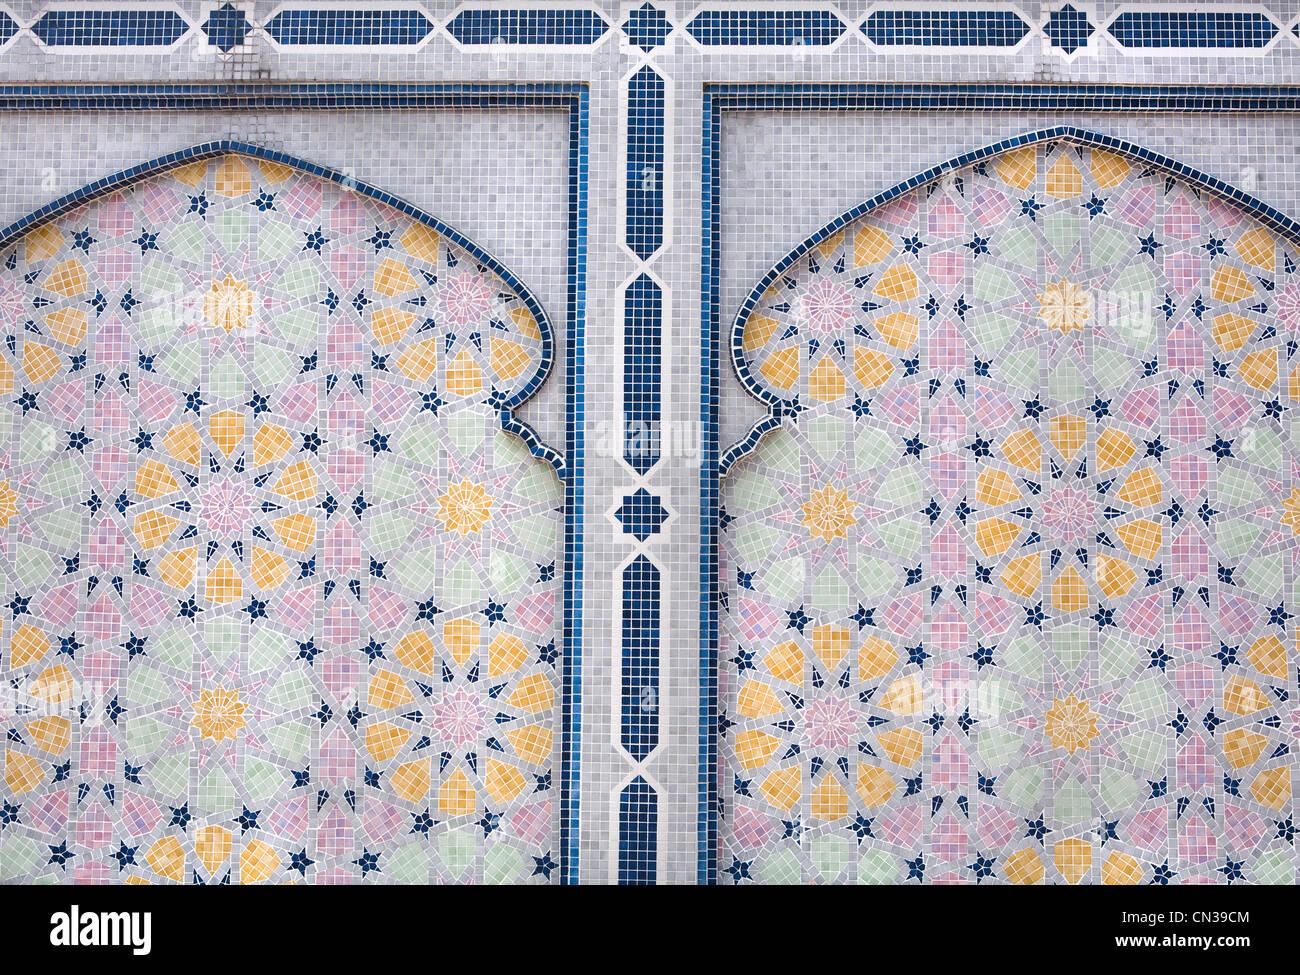 Piastrelle decorative dettaglio, Jame' asr Hassanal Bolkiah moschea, Bandar Seri Bagawan, Brunei Immagini Stock